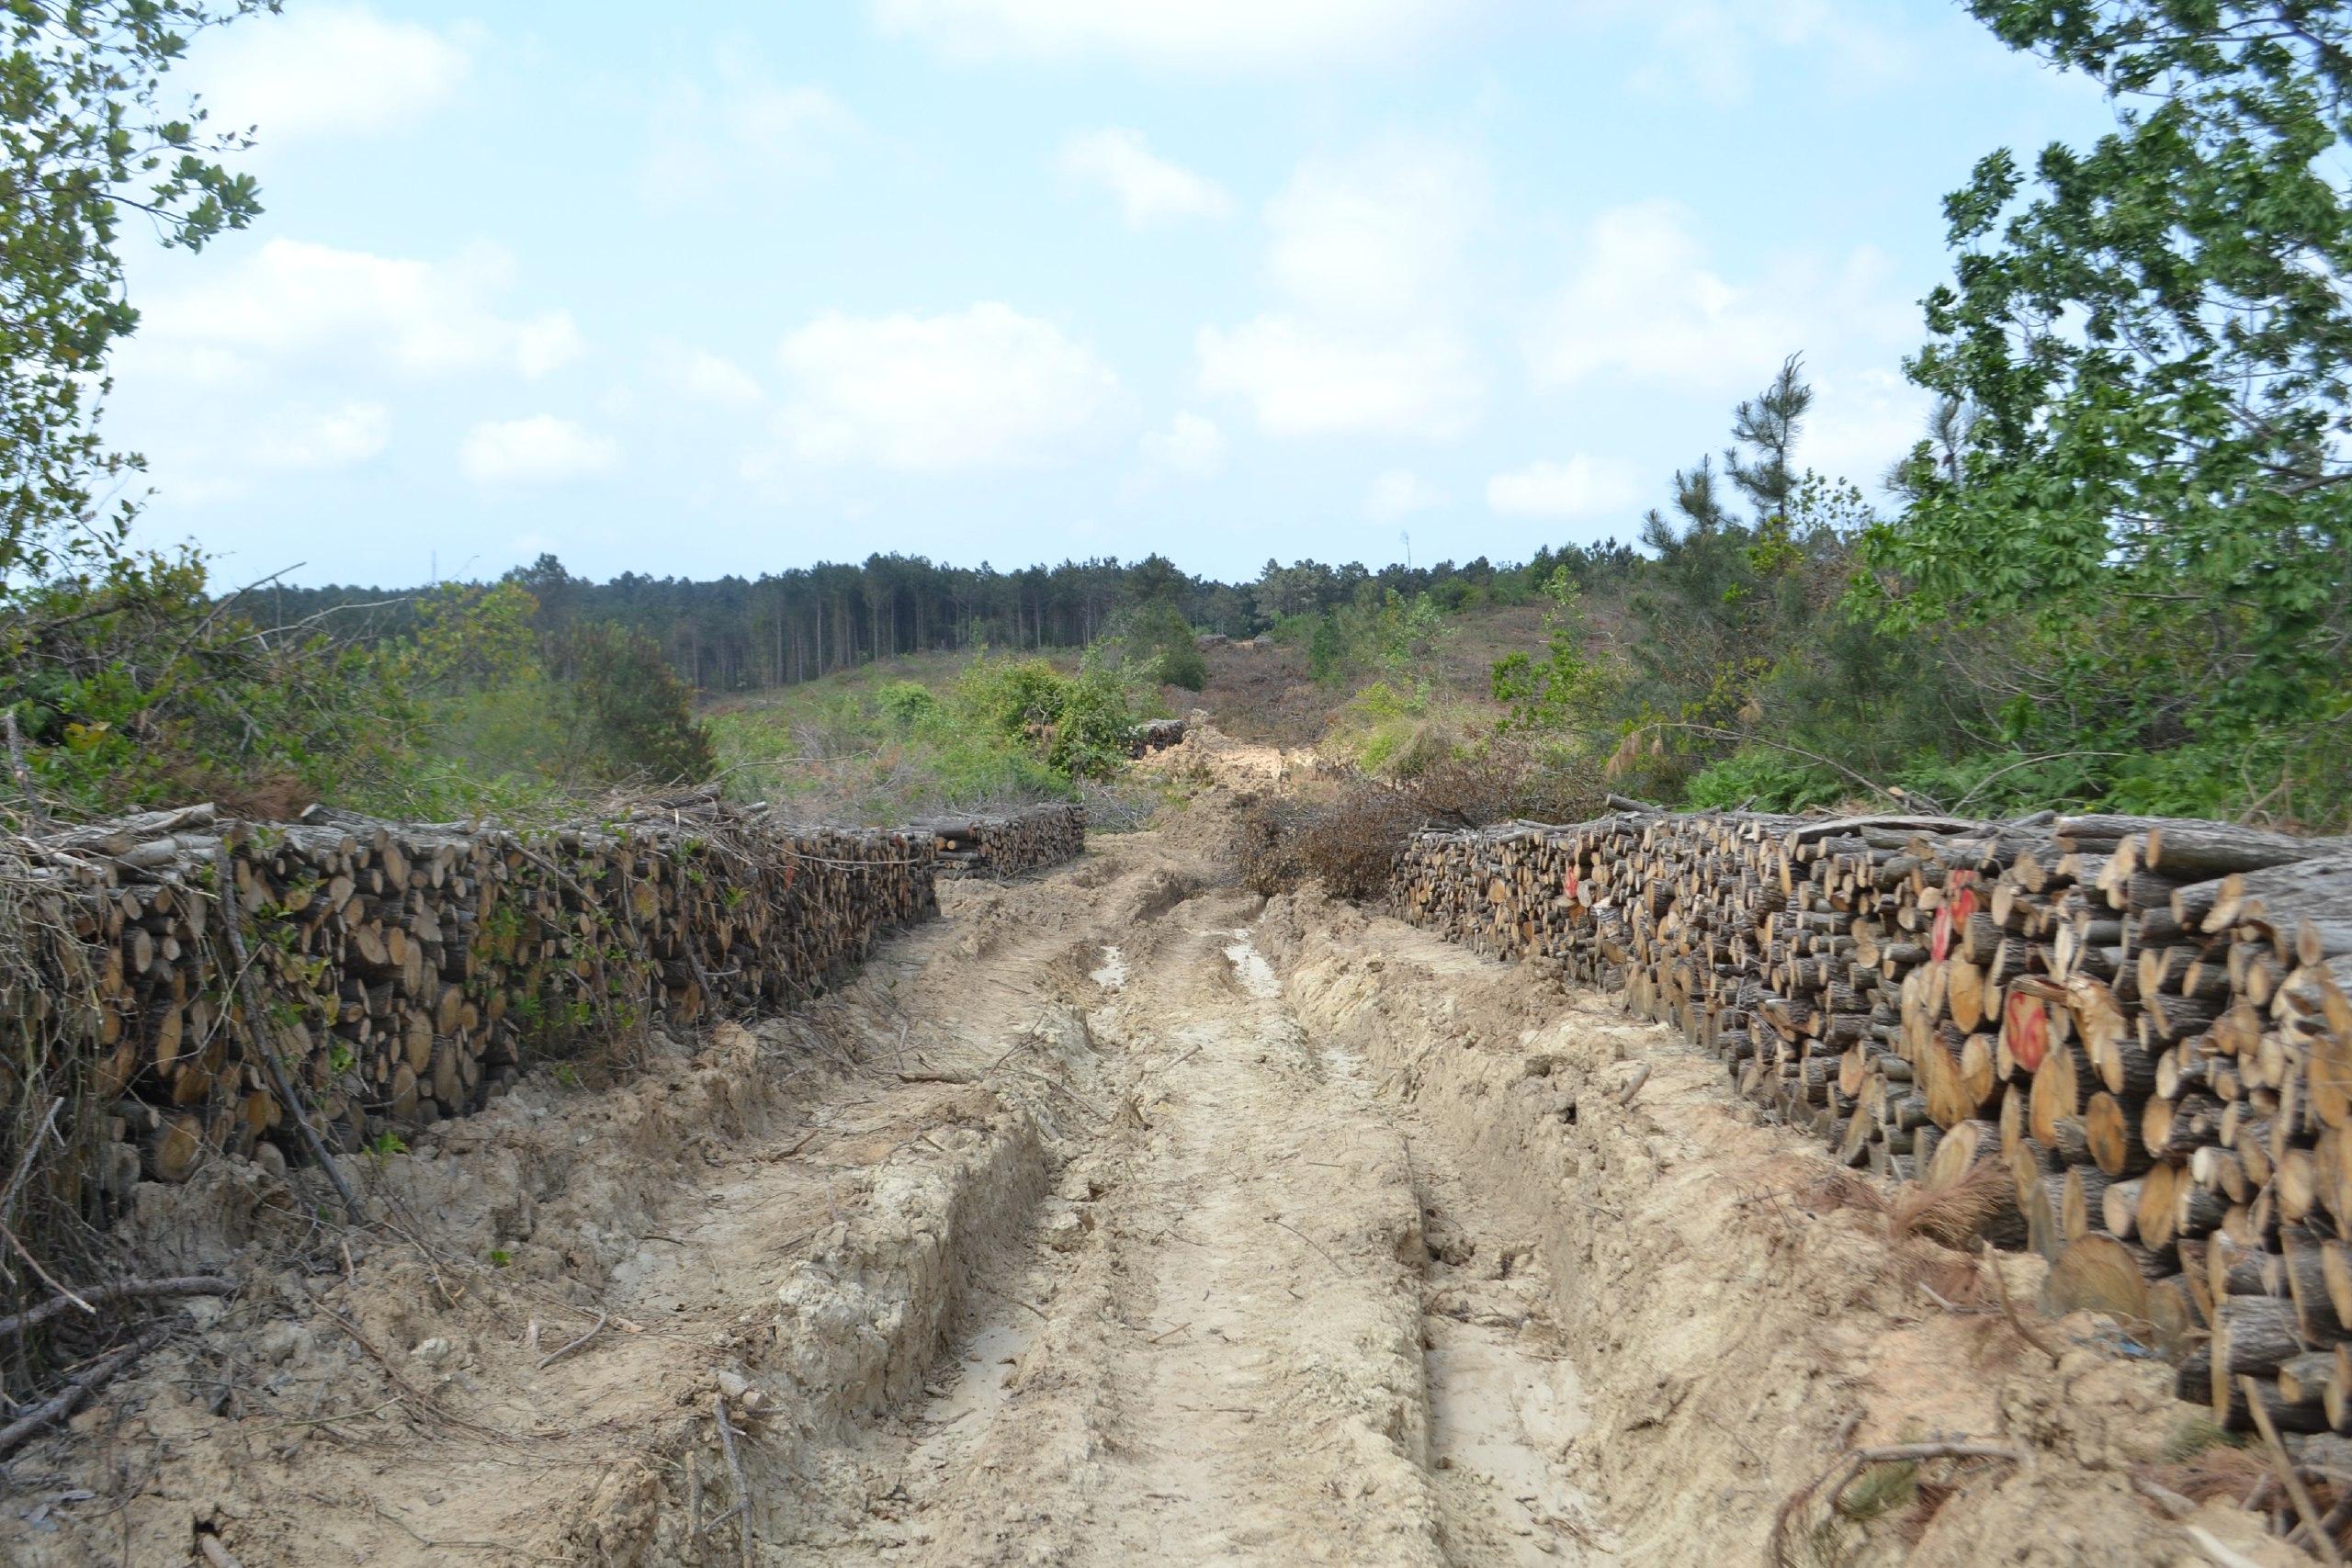 2.5 milyon dediler, 13 milyon ağaç kestiler!